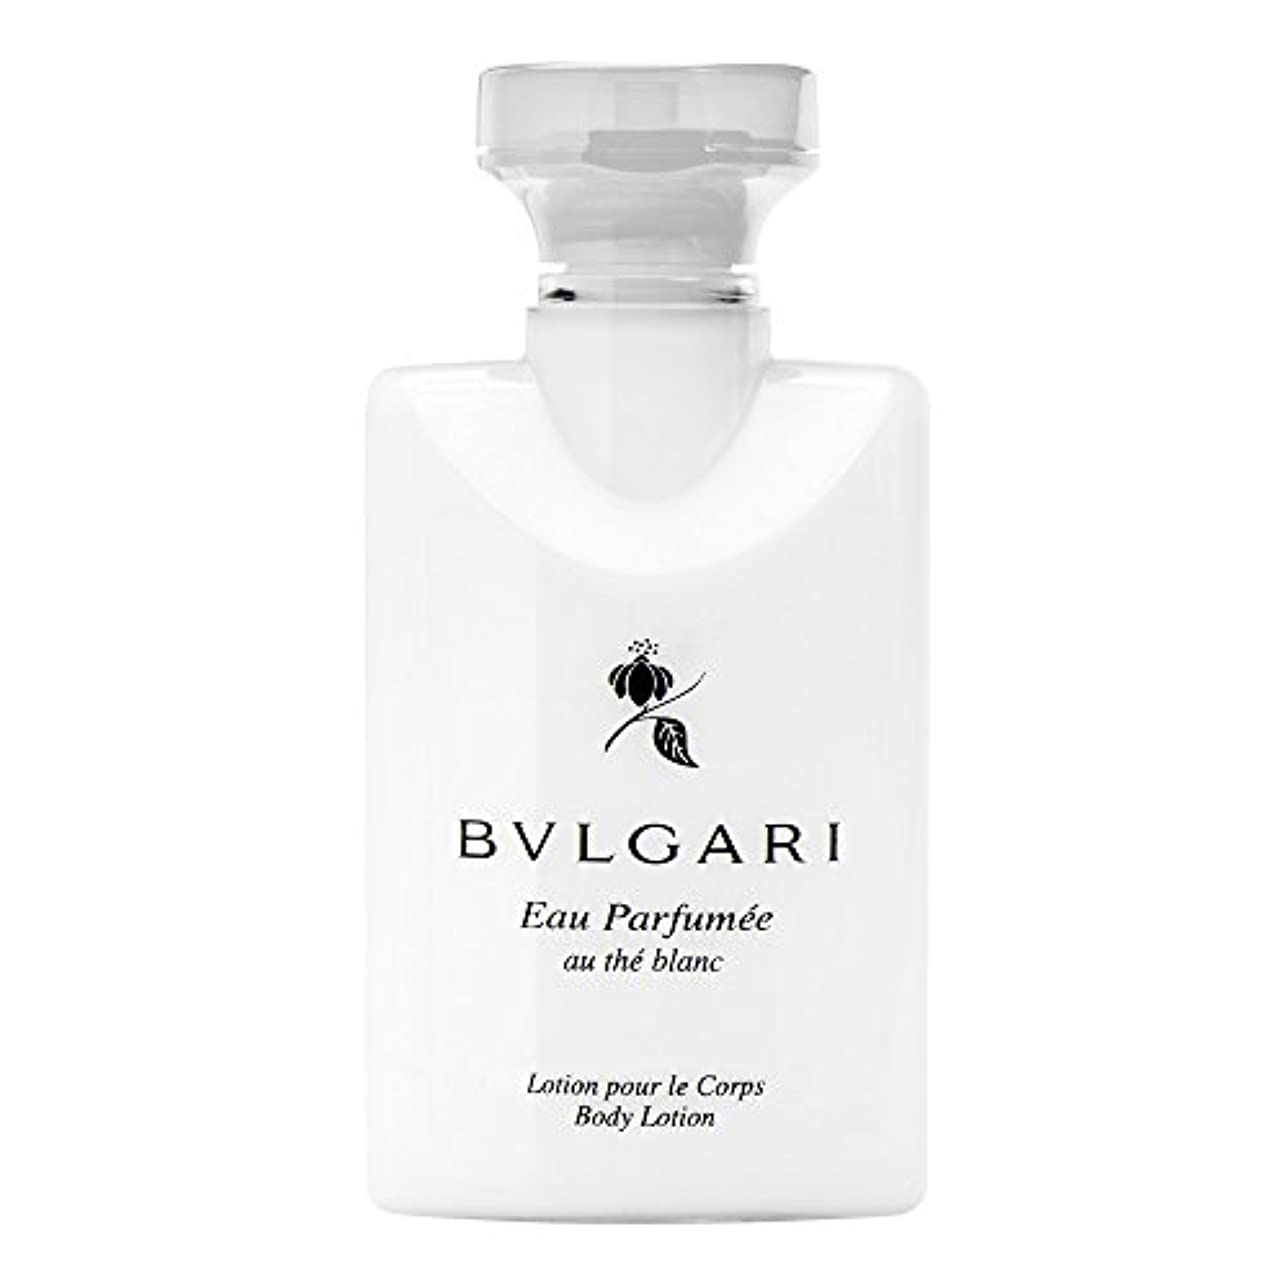 殺す委員会ジムBvlgari Eau Parfumee Au The Blanc (ブルガリ オー パフュ-メ オウ ブラン) 2.5 oz (75ml) Body Lotion ボディーローション